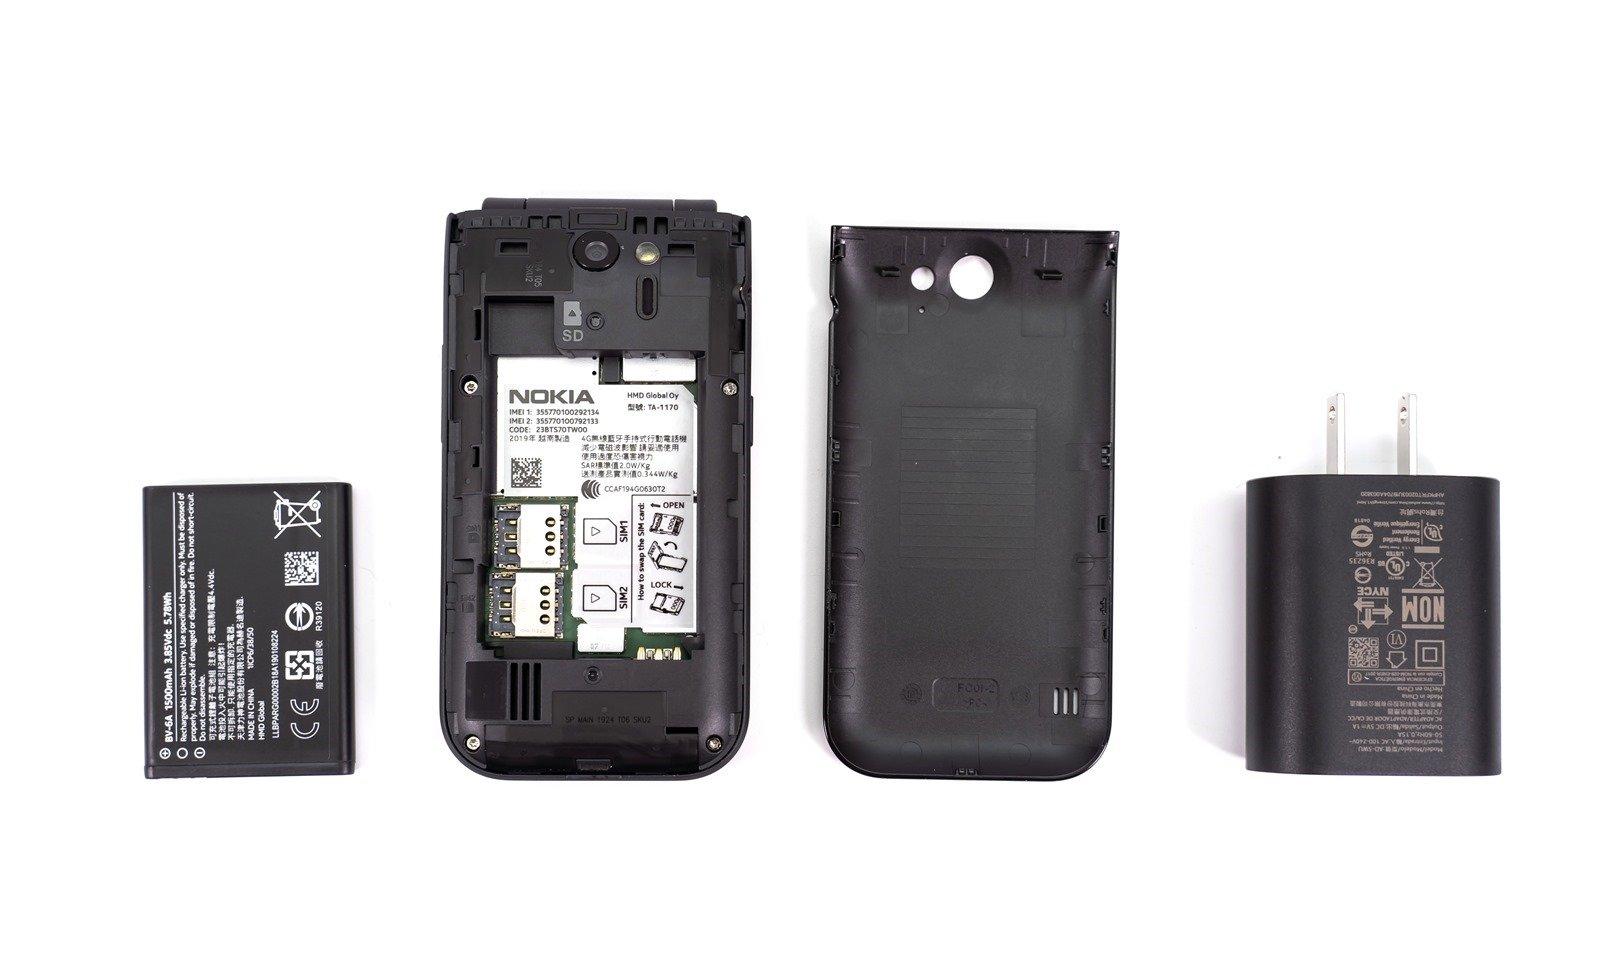 這一次復刻經典折疊機!Nokia 2720 Flip 折疊功能機開箱分享! @3C 達人廖阿輝